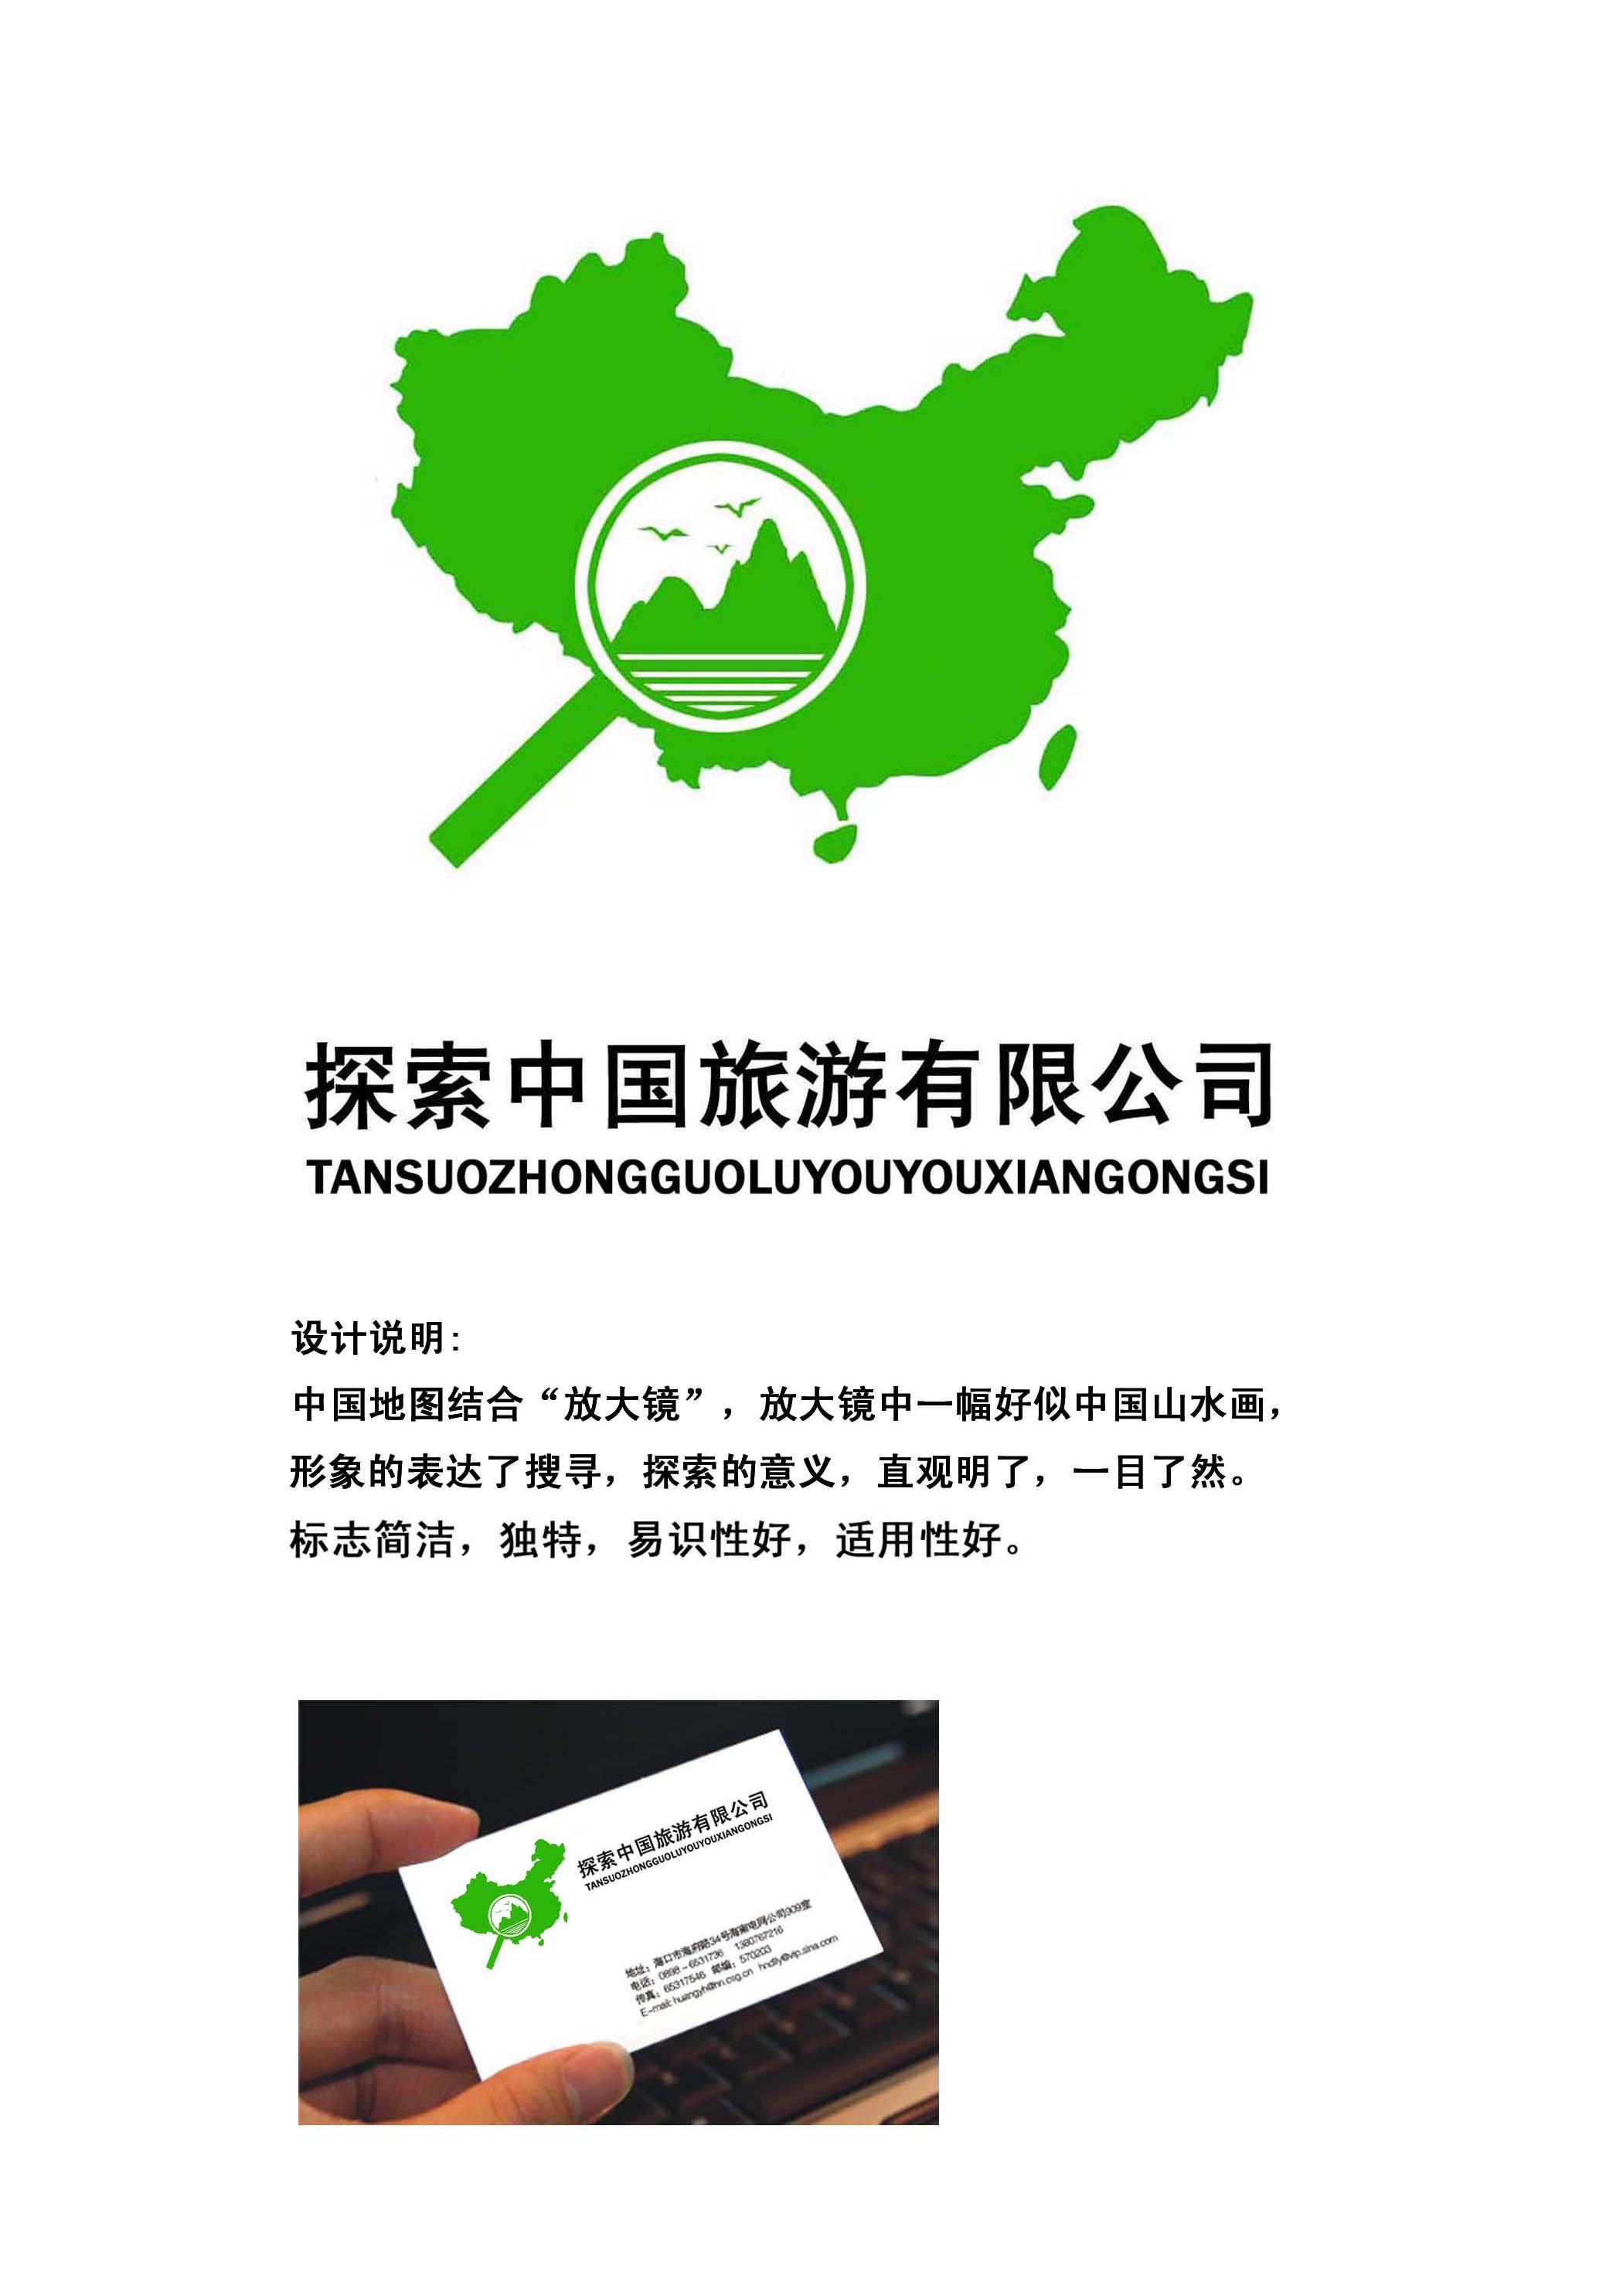 境旅游公司征集LOGO